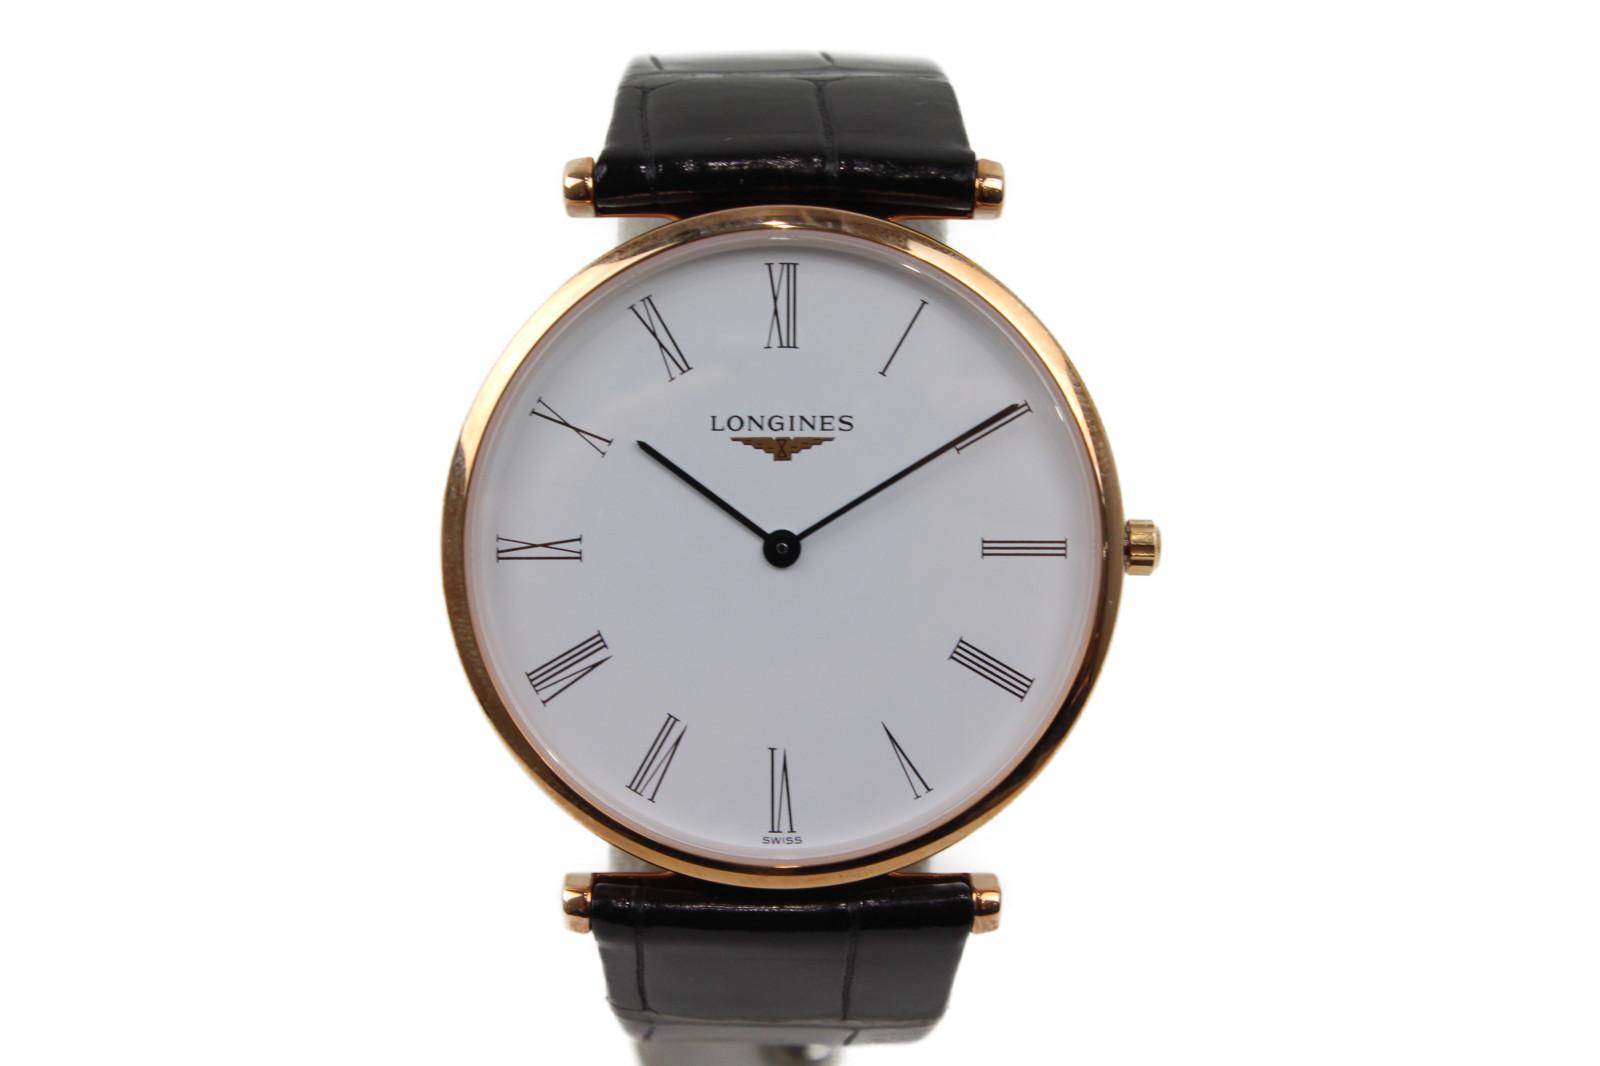 【ギャラ有】LONGINES ロンジン ラ グラン クラシック ドゥ L4.755.1 クオーツ SS ステンレススチール 革ベルト ゴールド ホワイト ブラック メンズ 腕時計【中古】